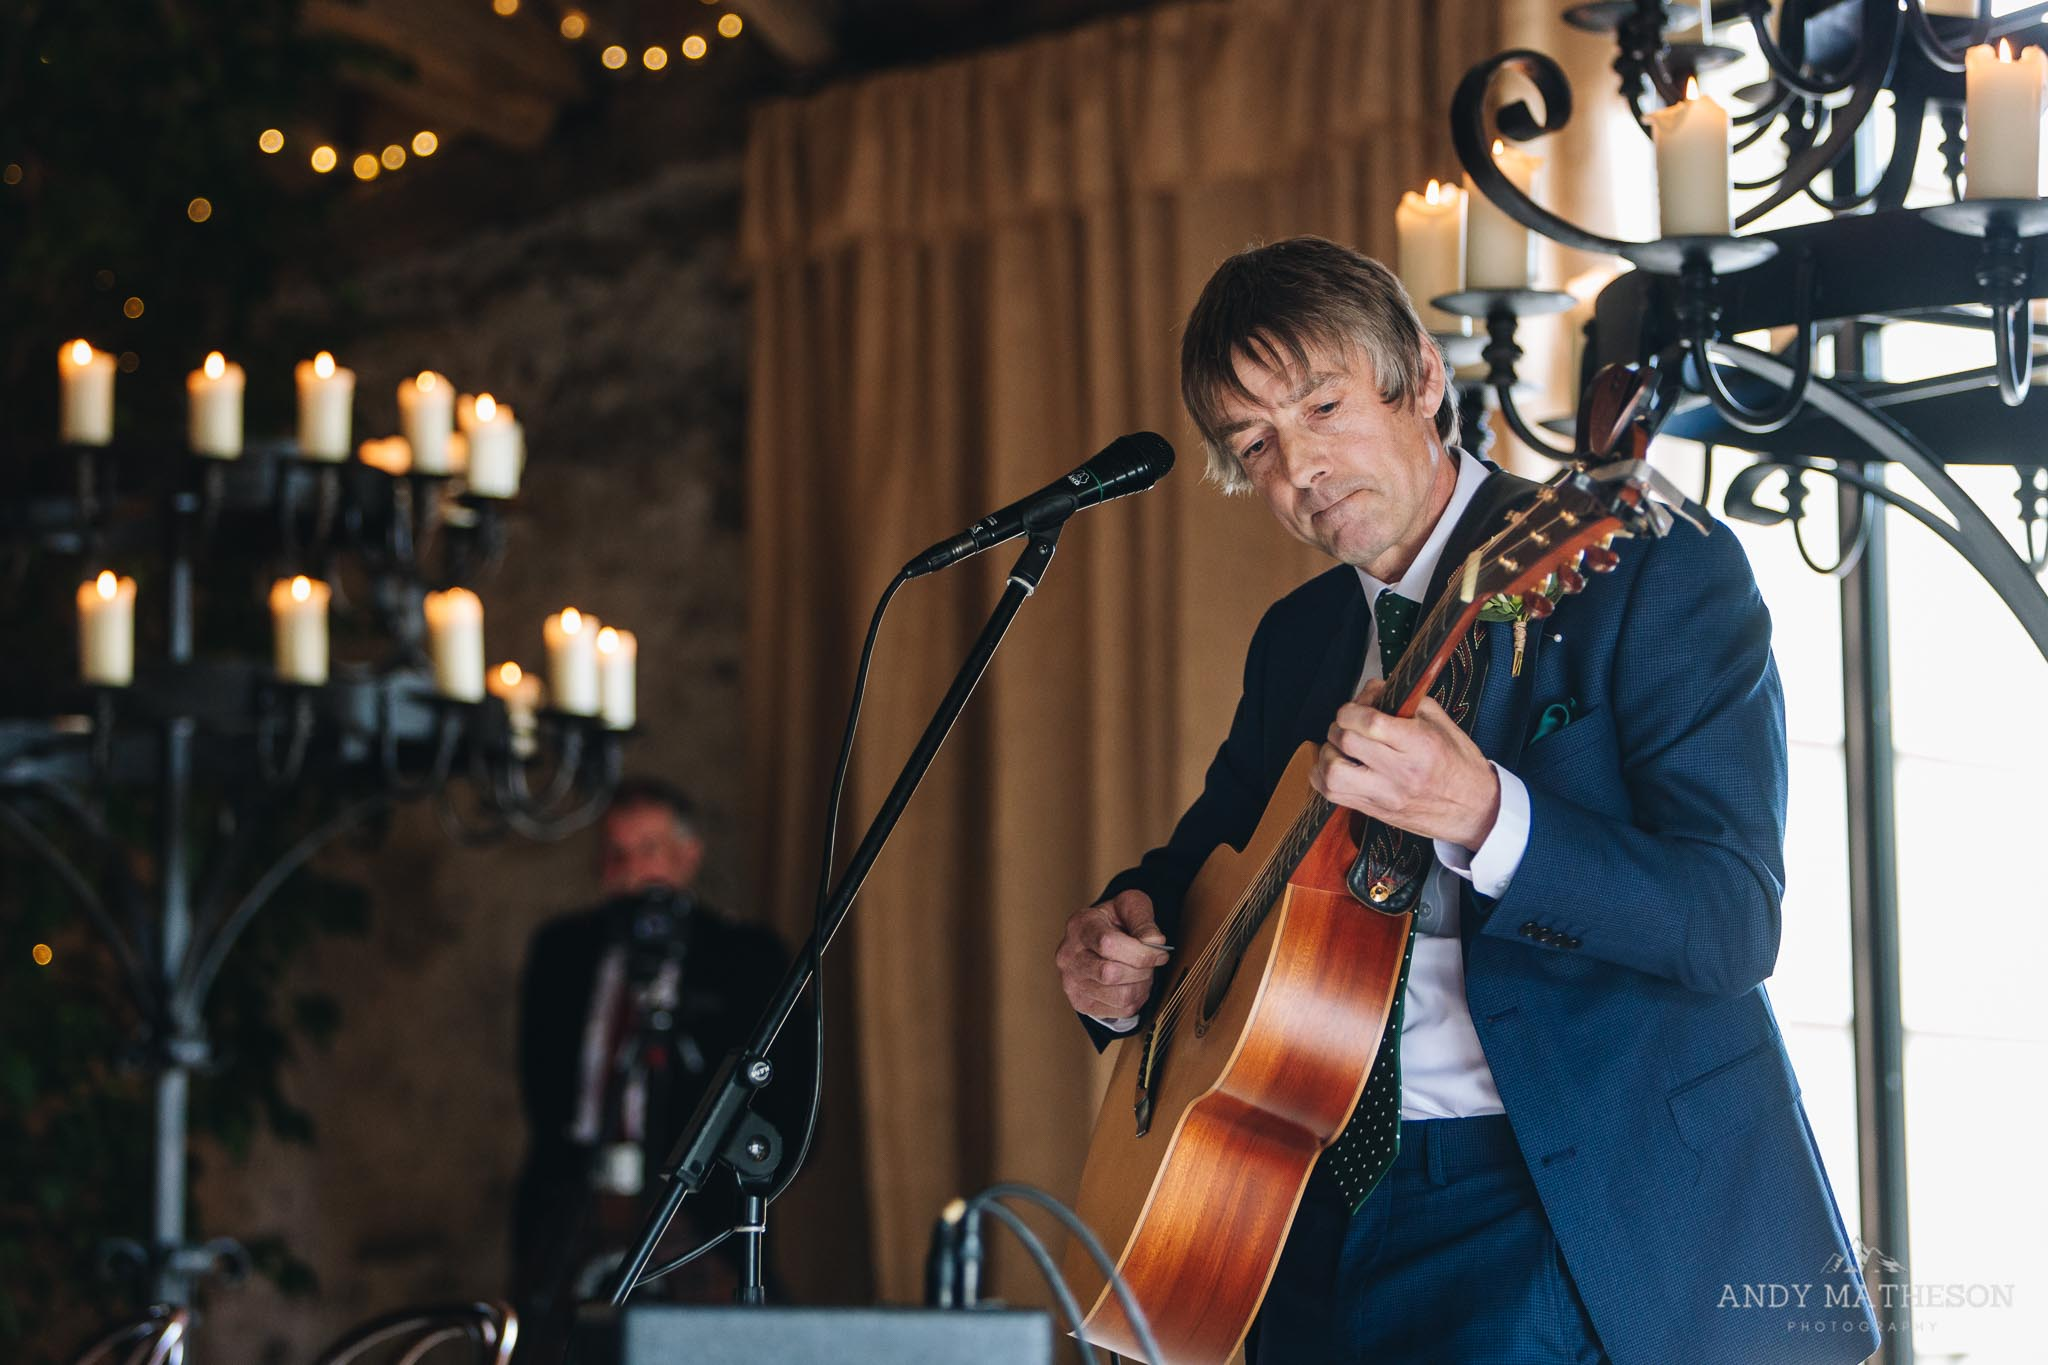 Tithe Barn Bolton Abbey Wedding Photographer_Andy Matheson_039.jpg